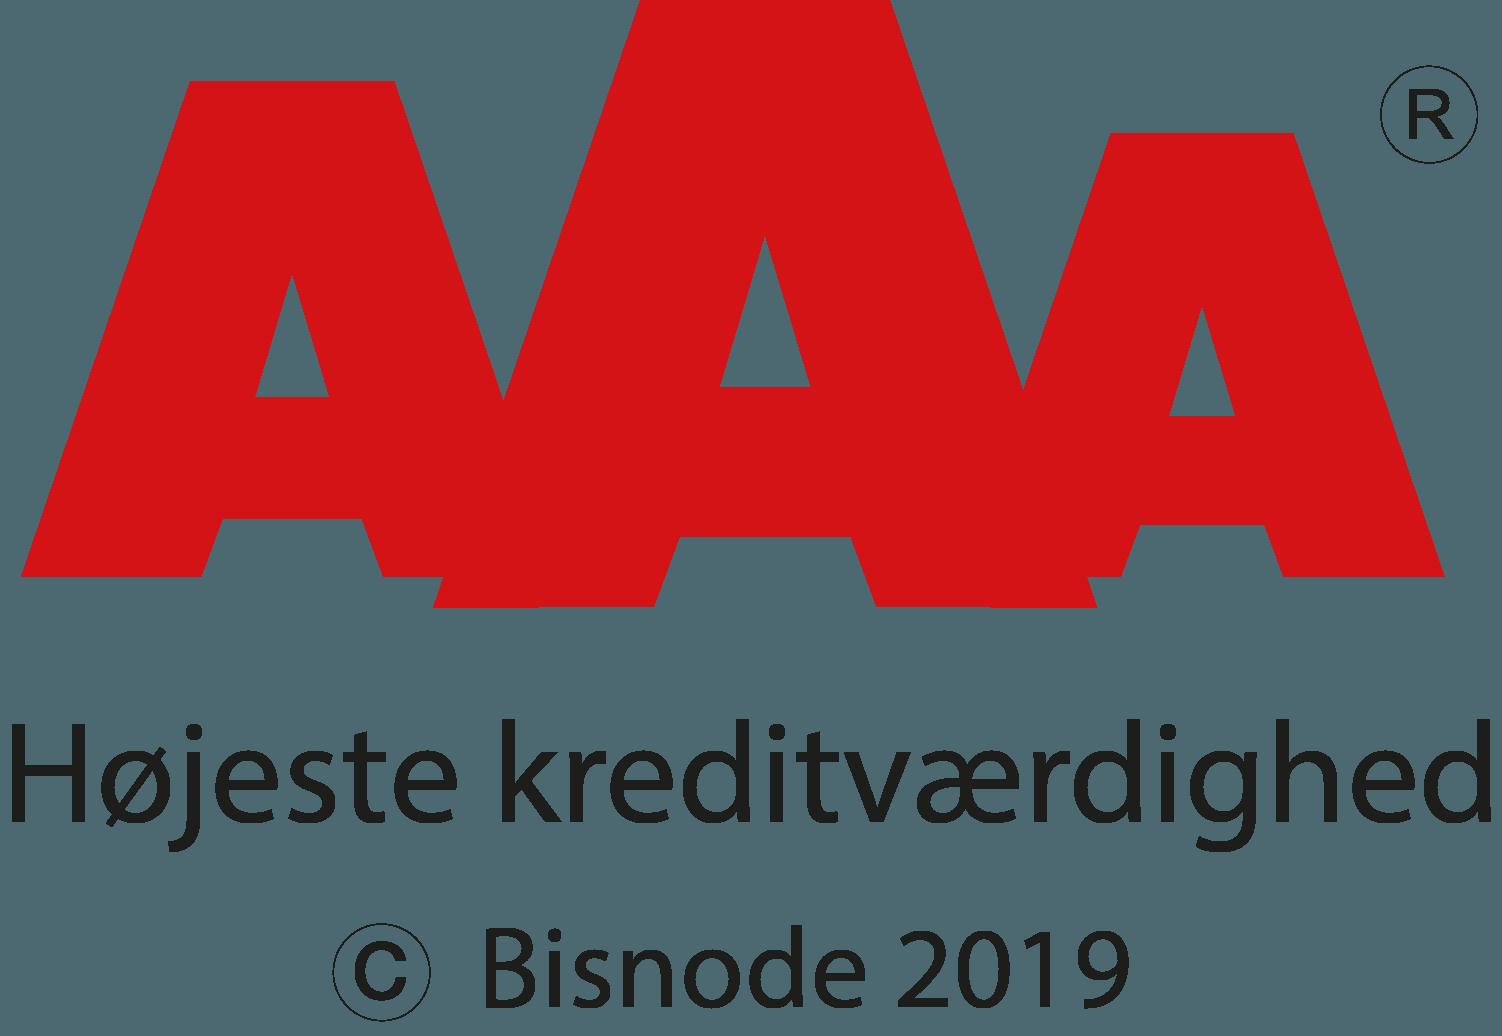 Træhuse har AAA rating Bisnode